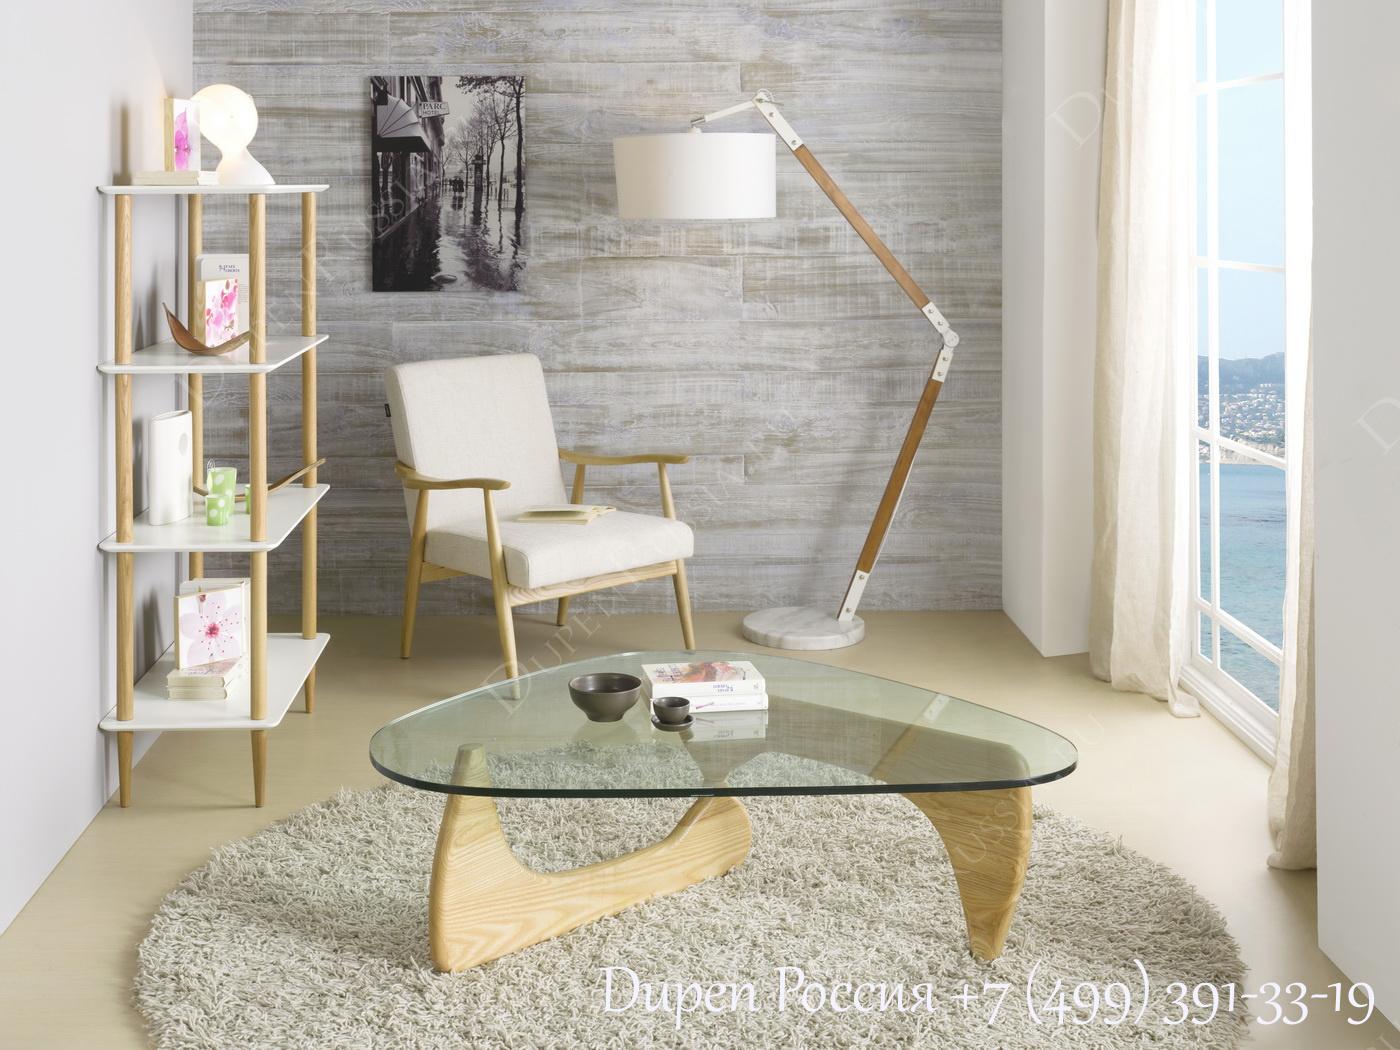 Журнальный стол DUPEN TT-664 Ясень, Стеллаж DUPEN SH-900 Белый полуматовый, Кресло DUPEN CN-D